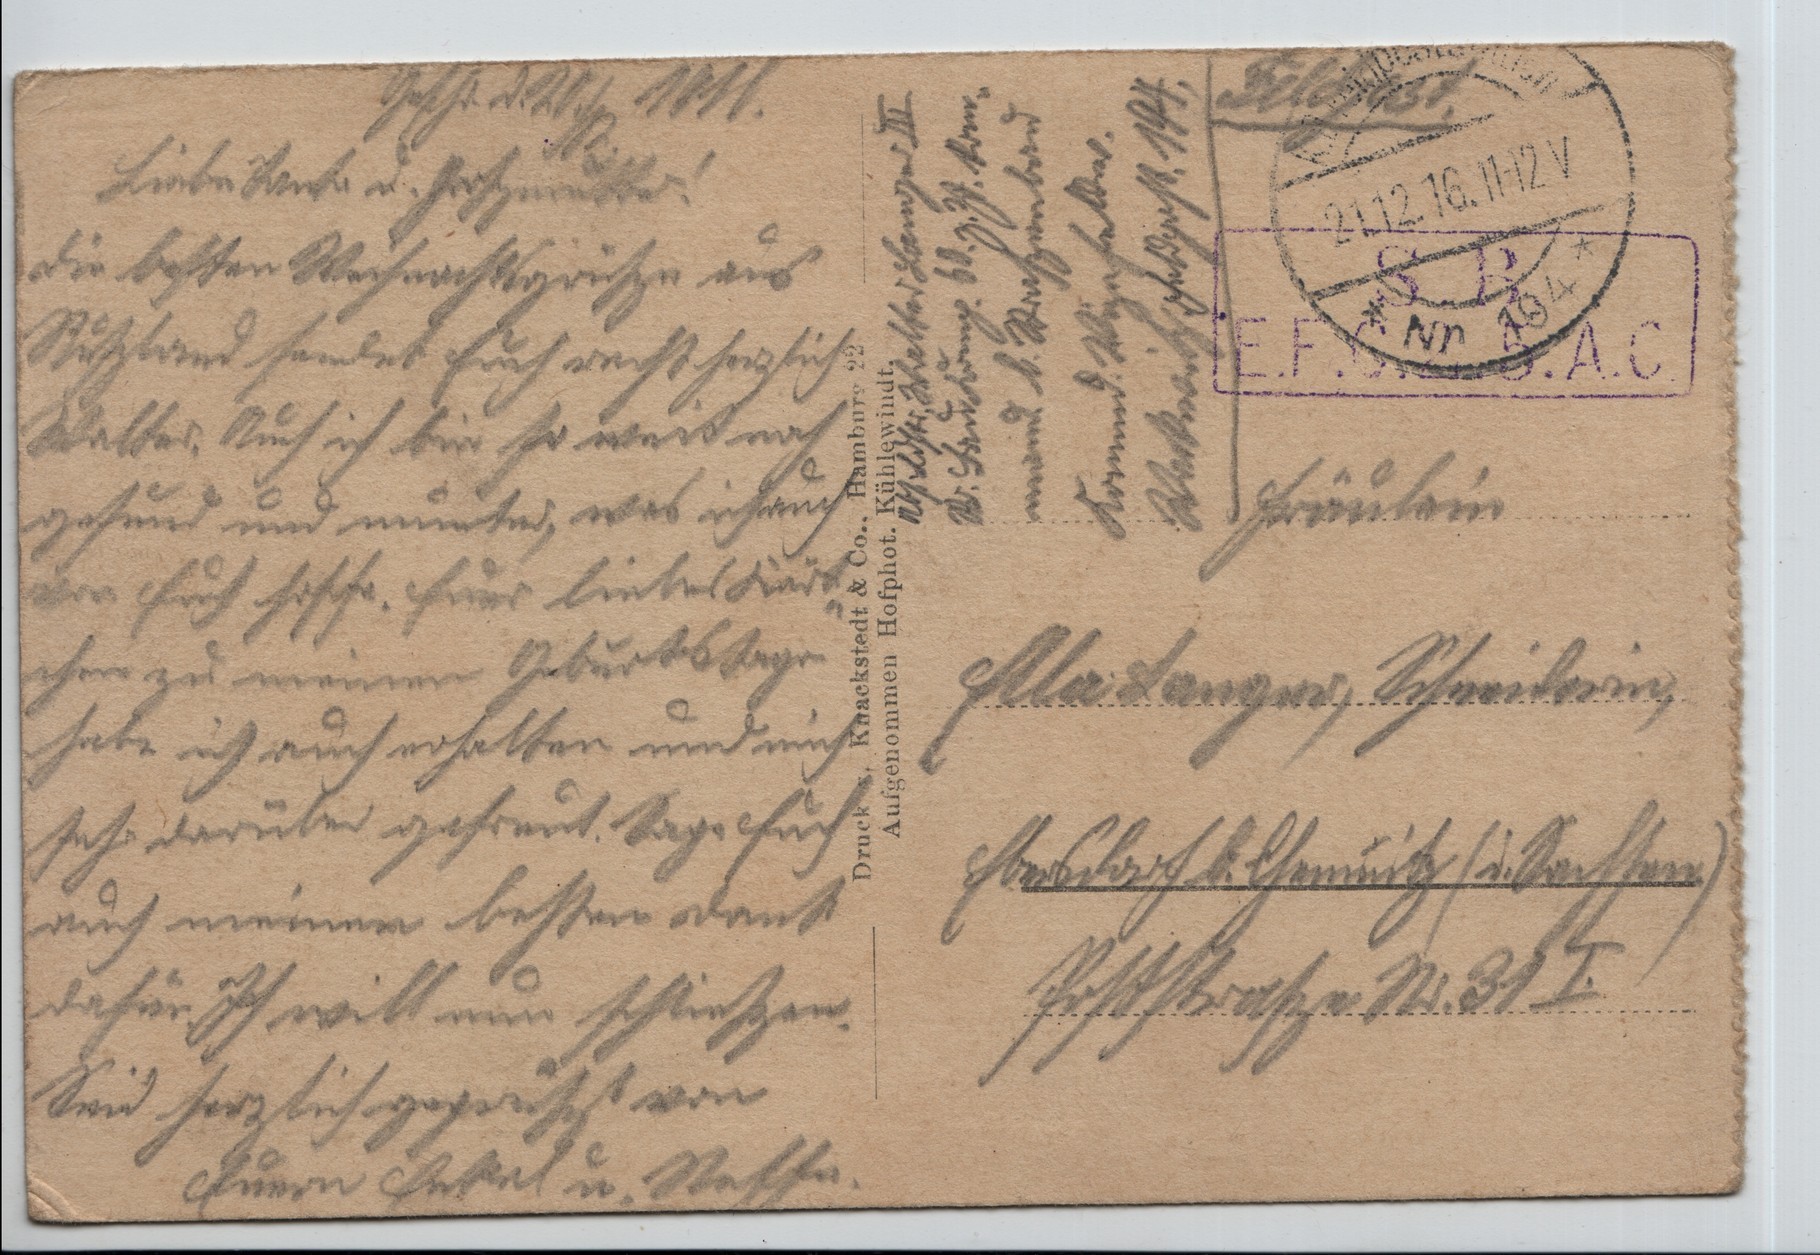 20. 21st Dec 1916